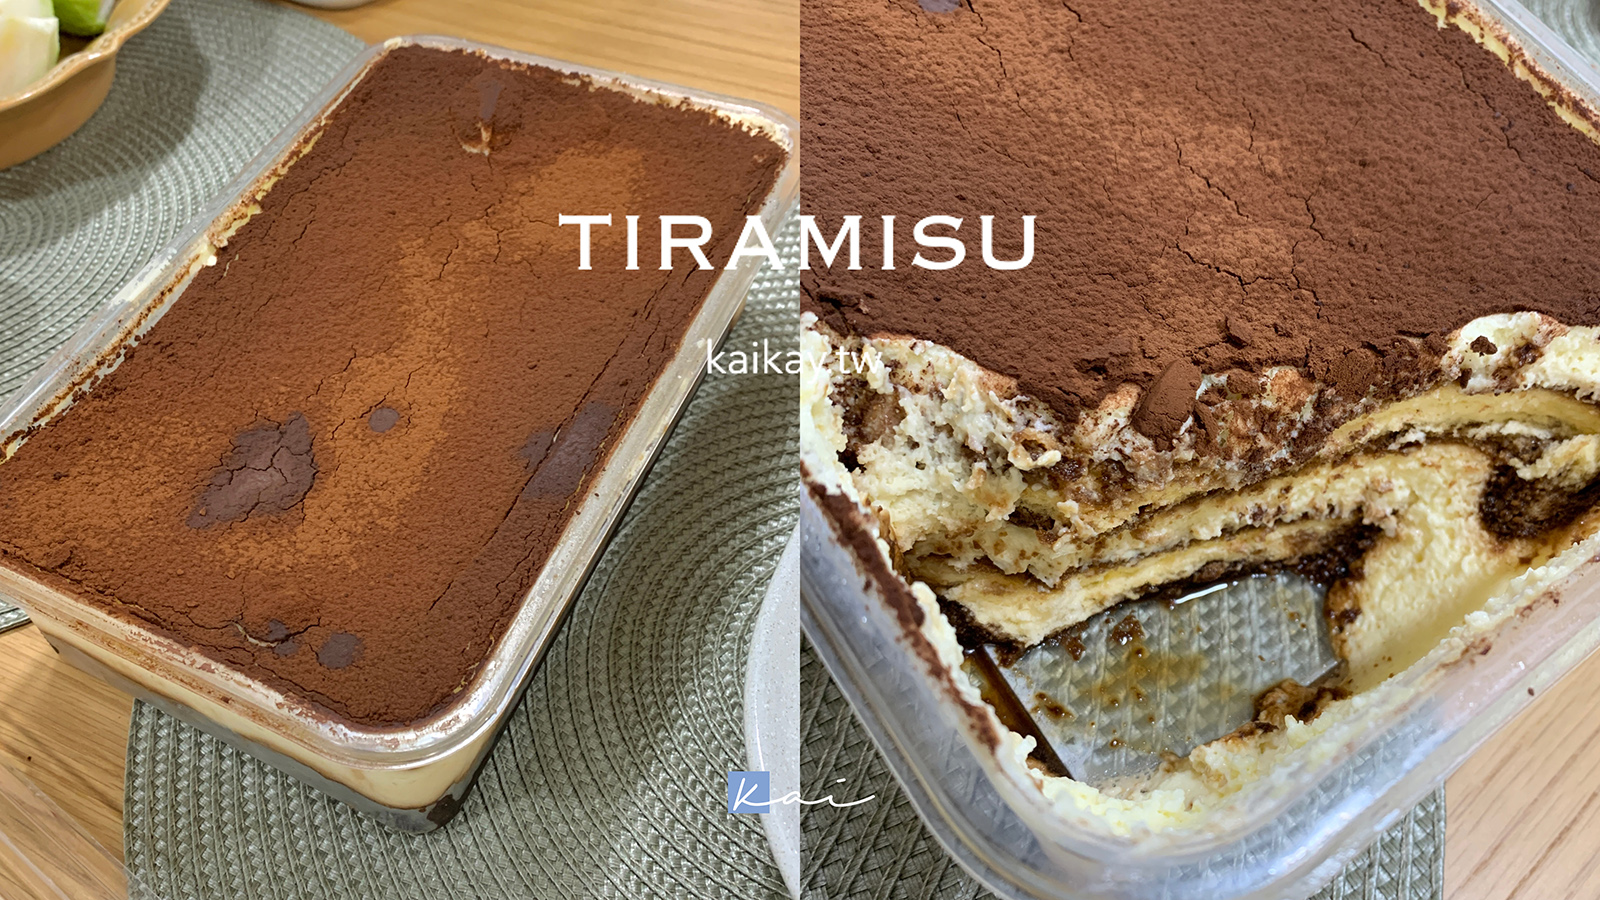 網站近期文章:☆【好市多美食】提拉米蘇蛋糕回來了!濃濃咖啡香和馬斯卡彭乳酪「大人系蛋糕」